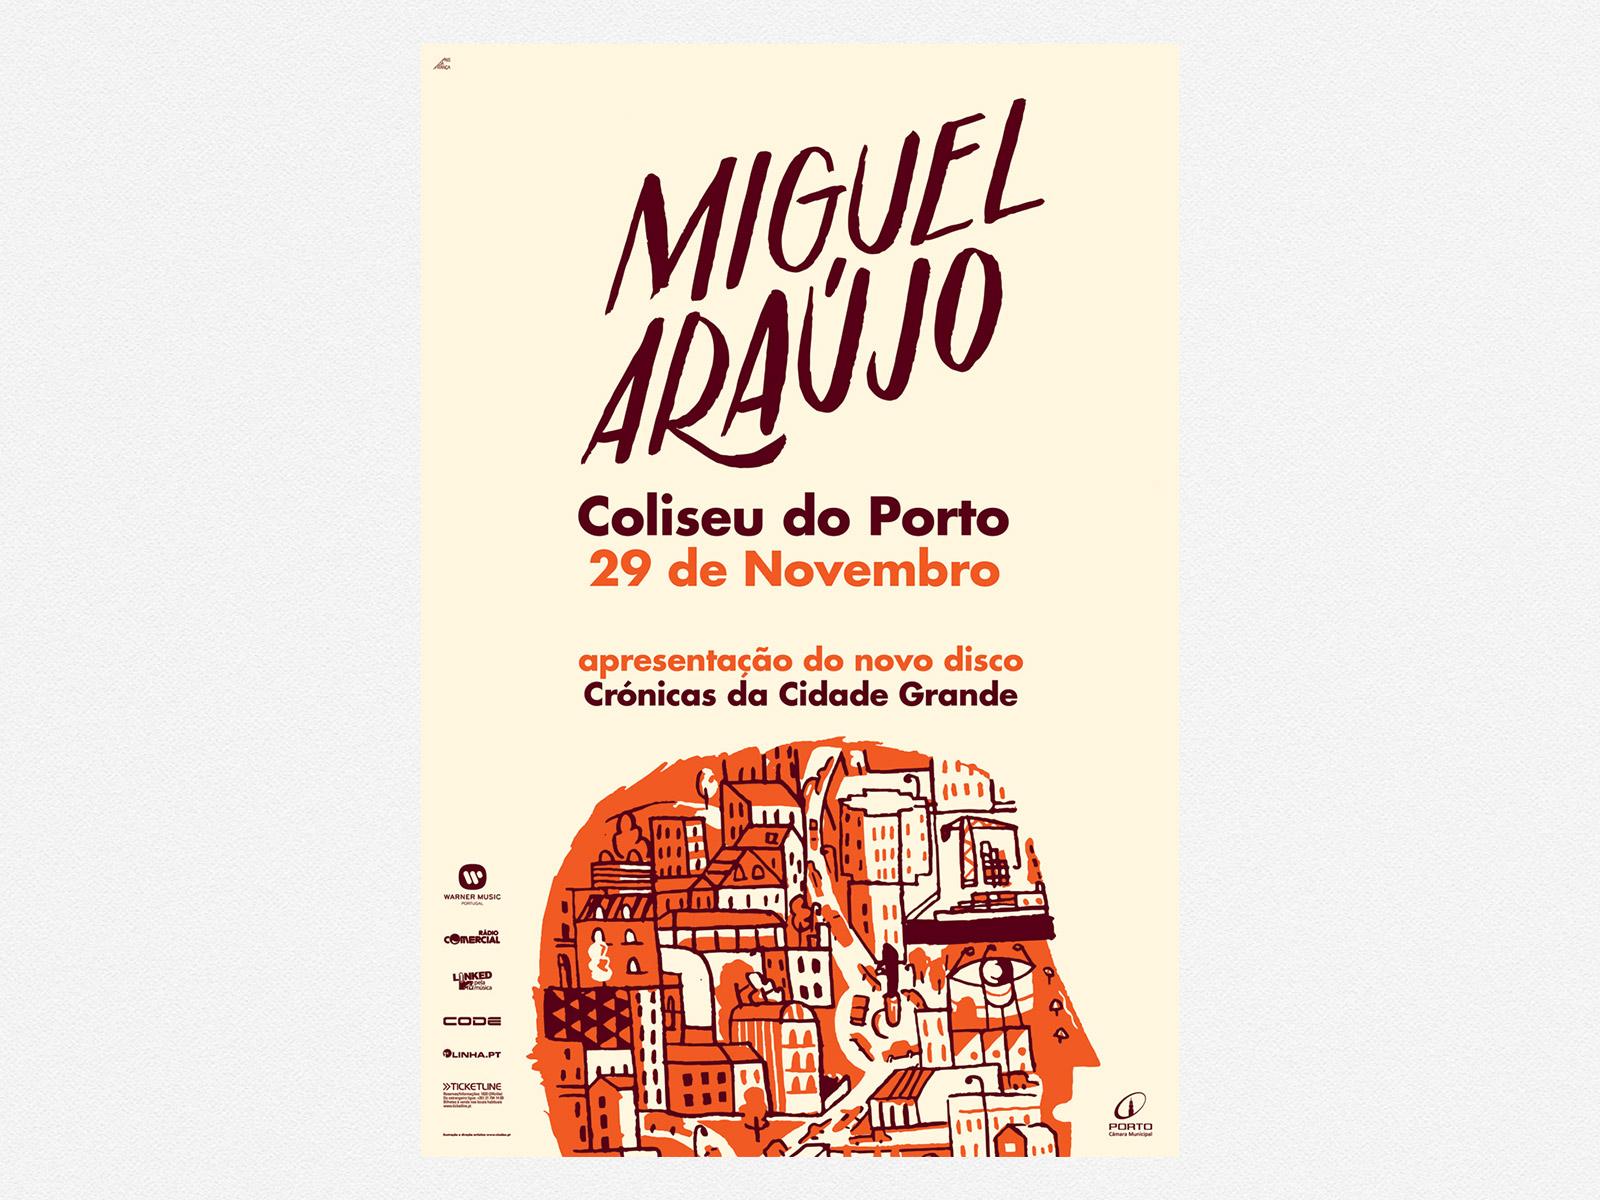 MIGUEL ARAÚJO  - 10